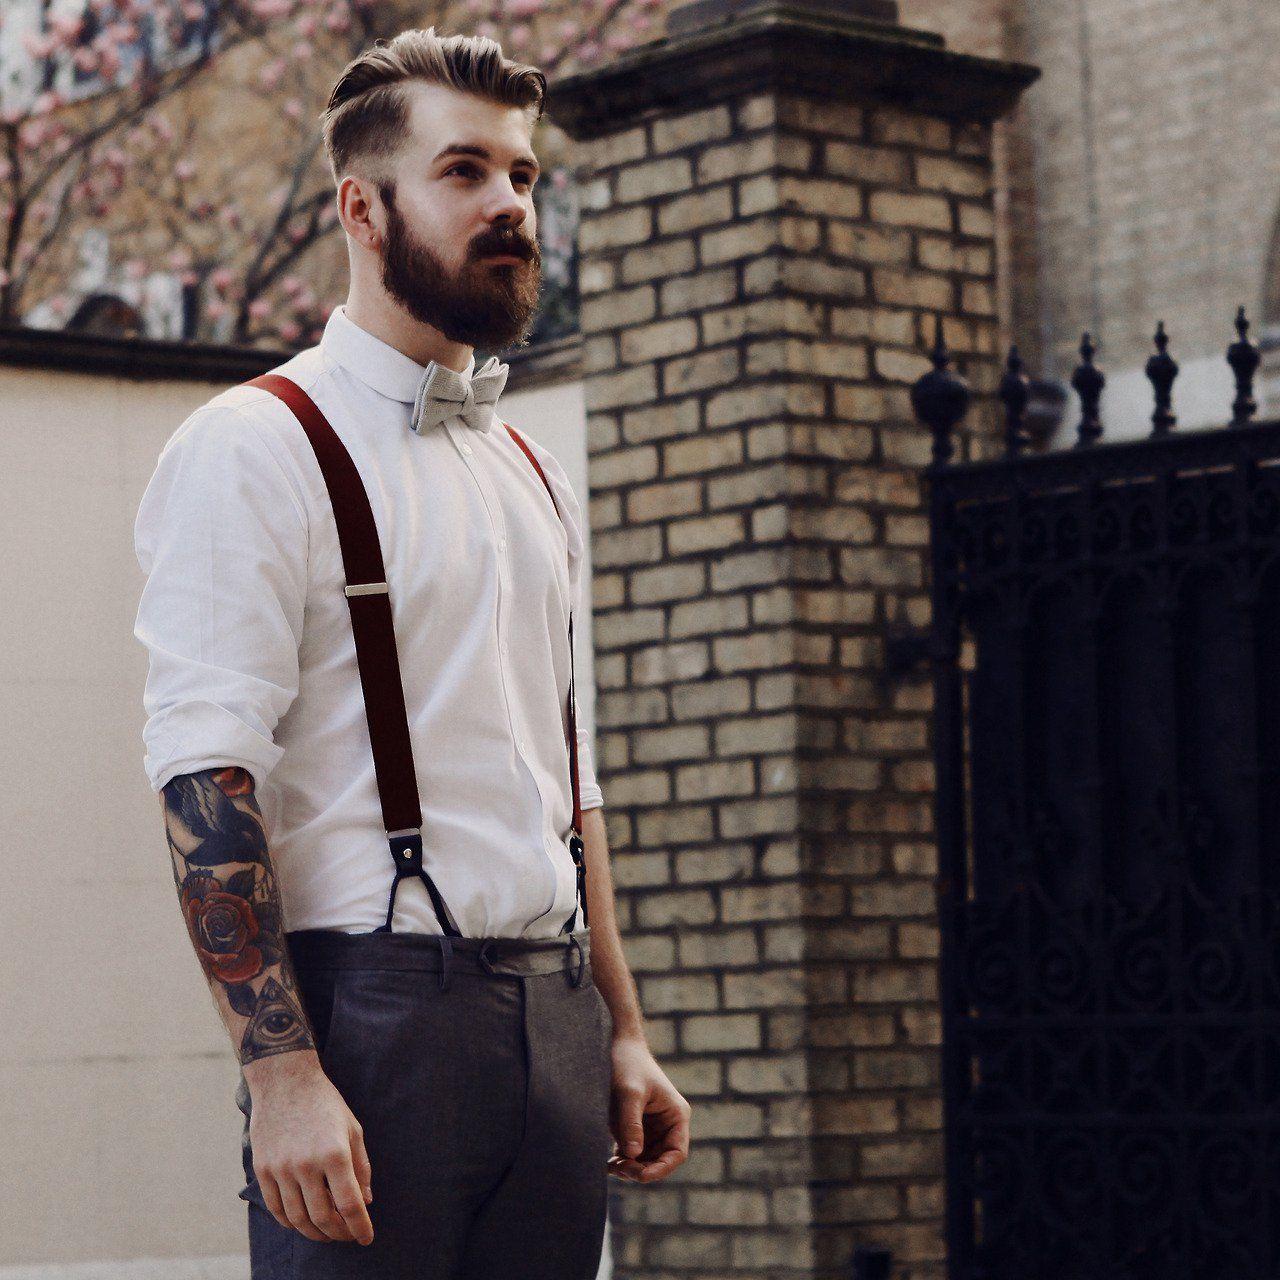 low priced d9d97 44829 Chico con barba vestido de traje Ropa De Moda Hombre, Traje De Novio, Estilo